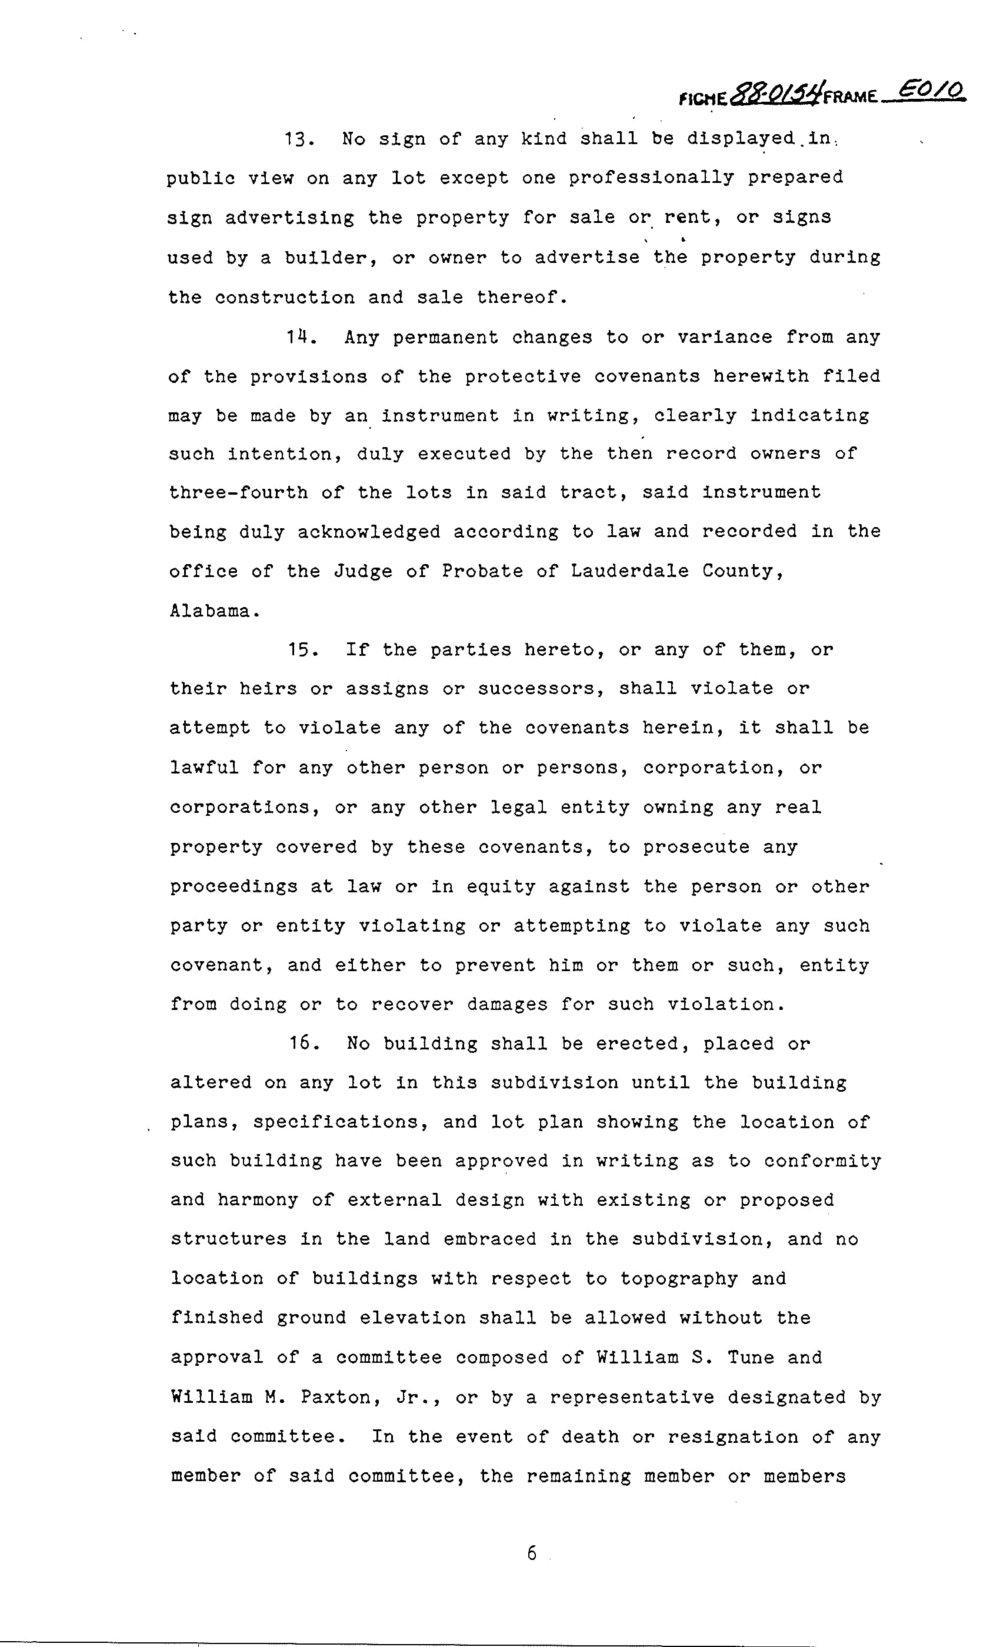 Indian Springs 3- covenants-13.jpg